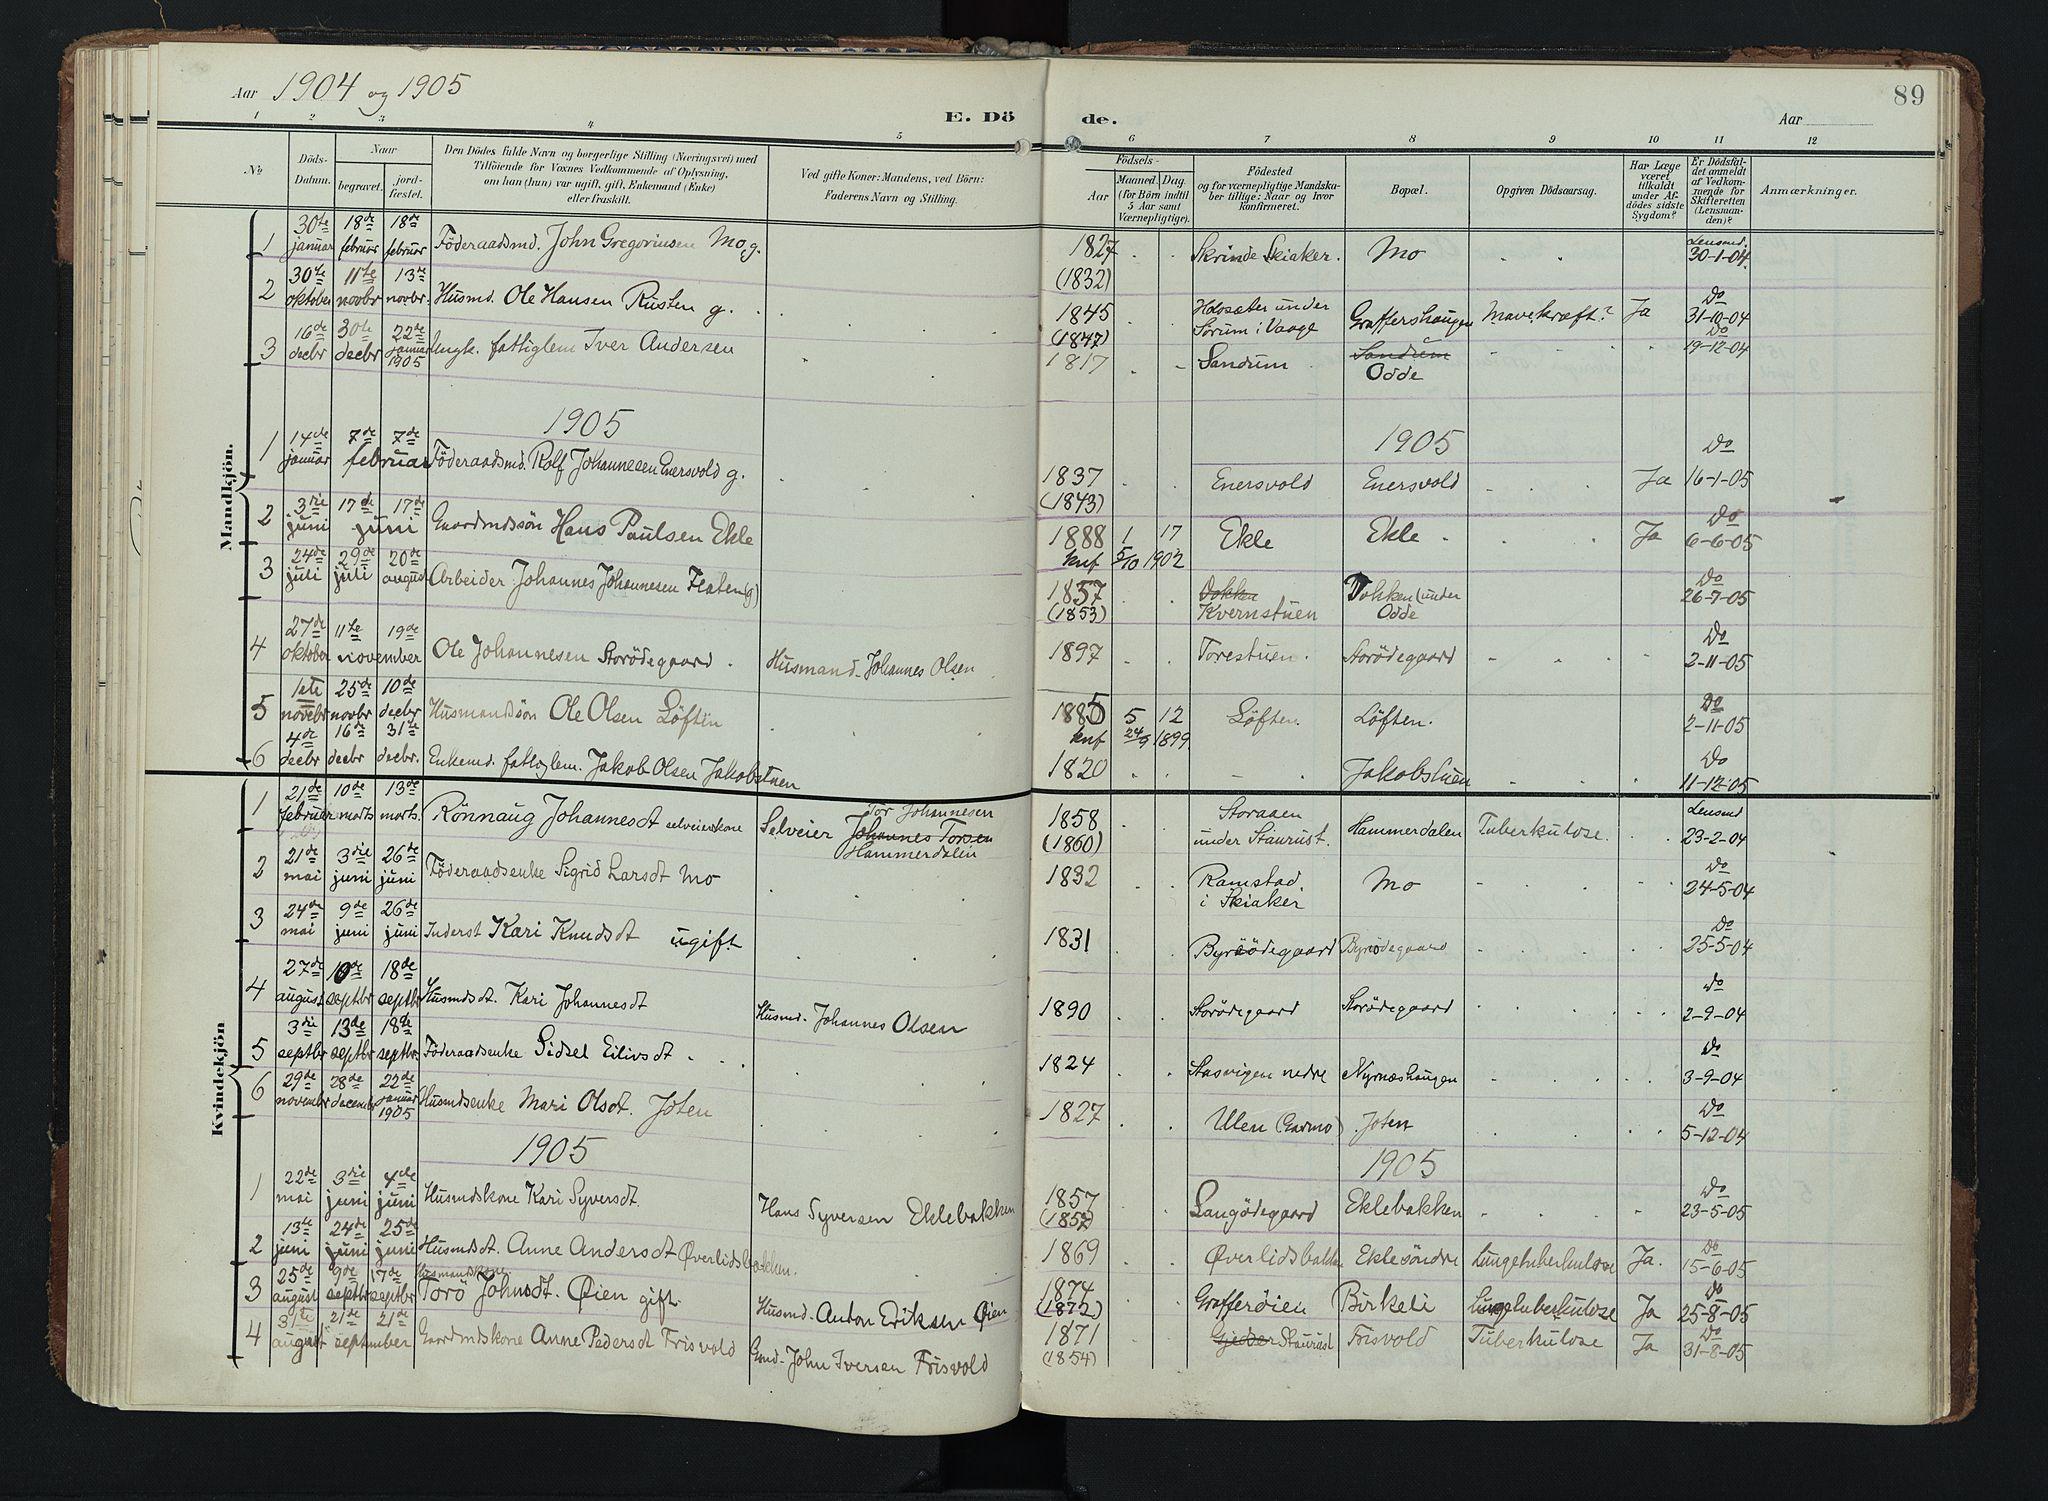 SAH, Lom prestekontor, K/L0011: Ministerialbok nr. 11, 1904-1928, s. 89